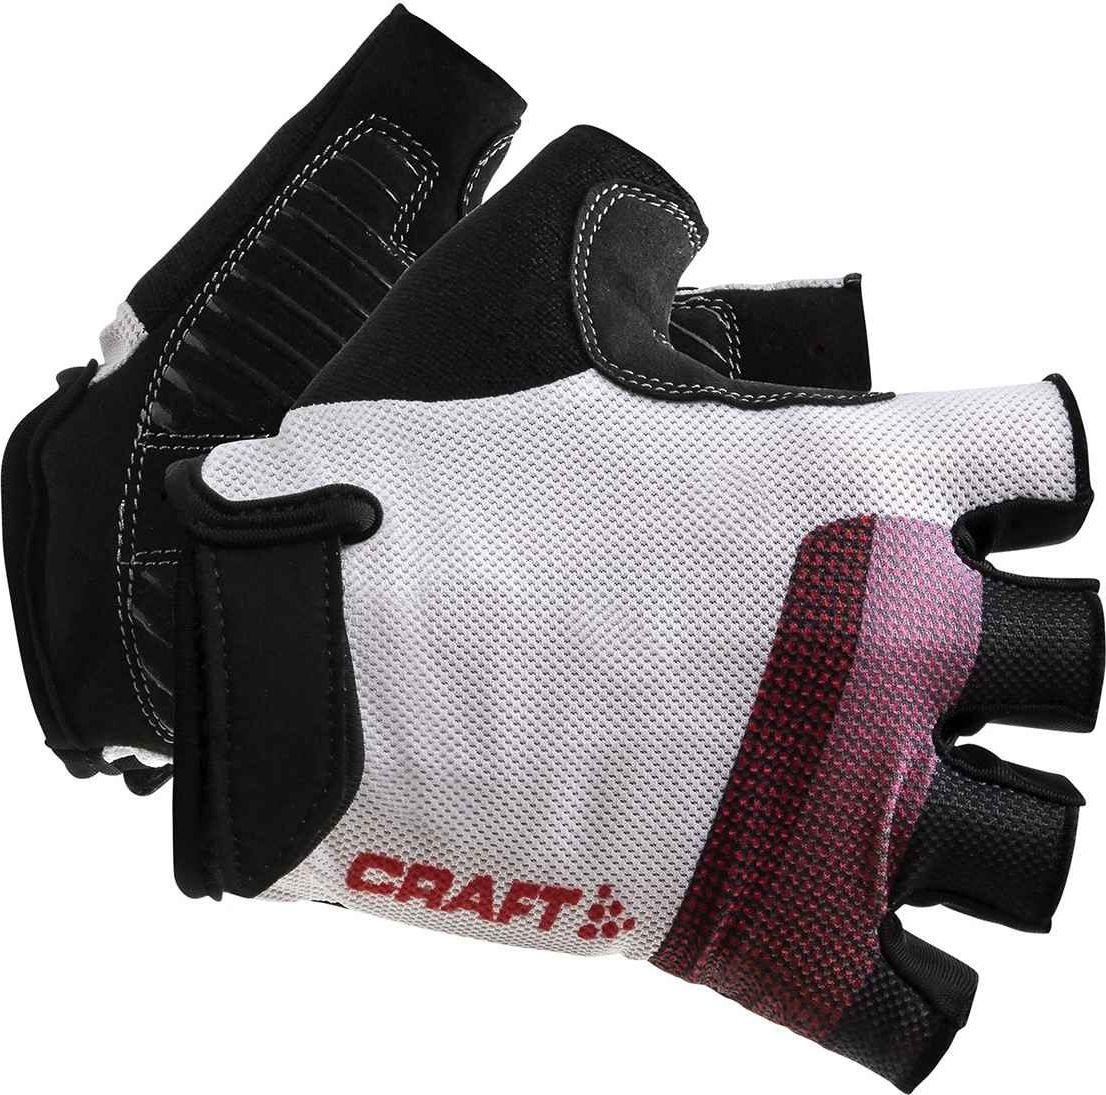 Велоперчатки Craft Go Glove, цвет: черный, белый. 1906148/900430. Размер M (9)